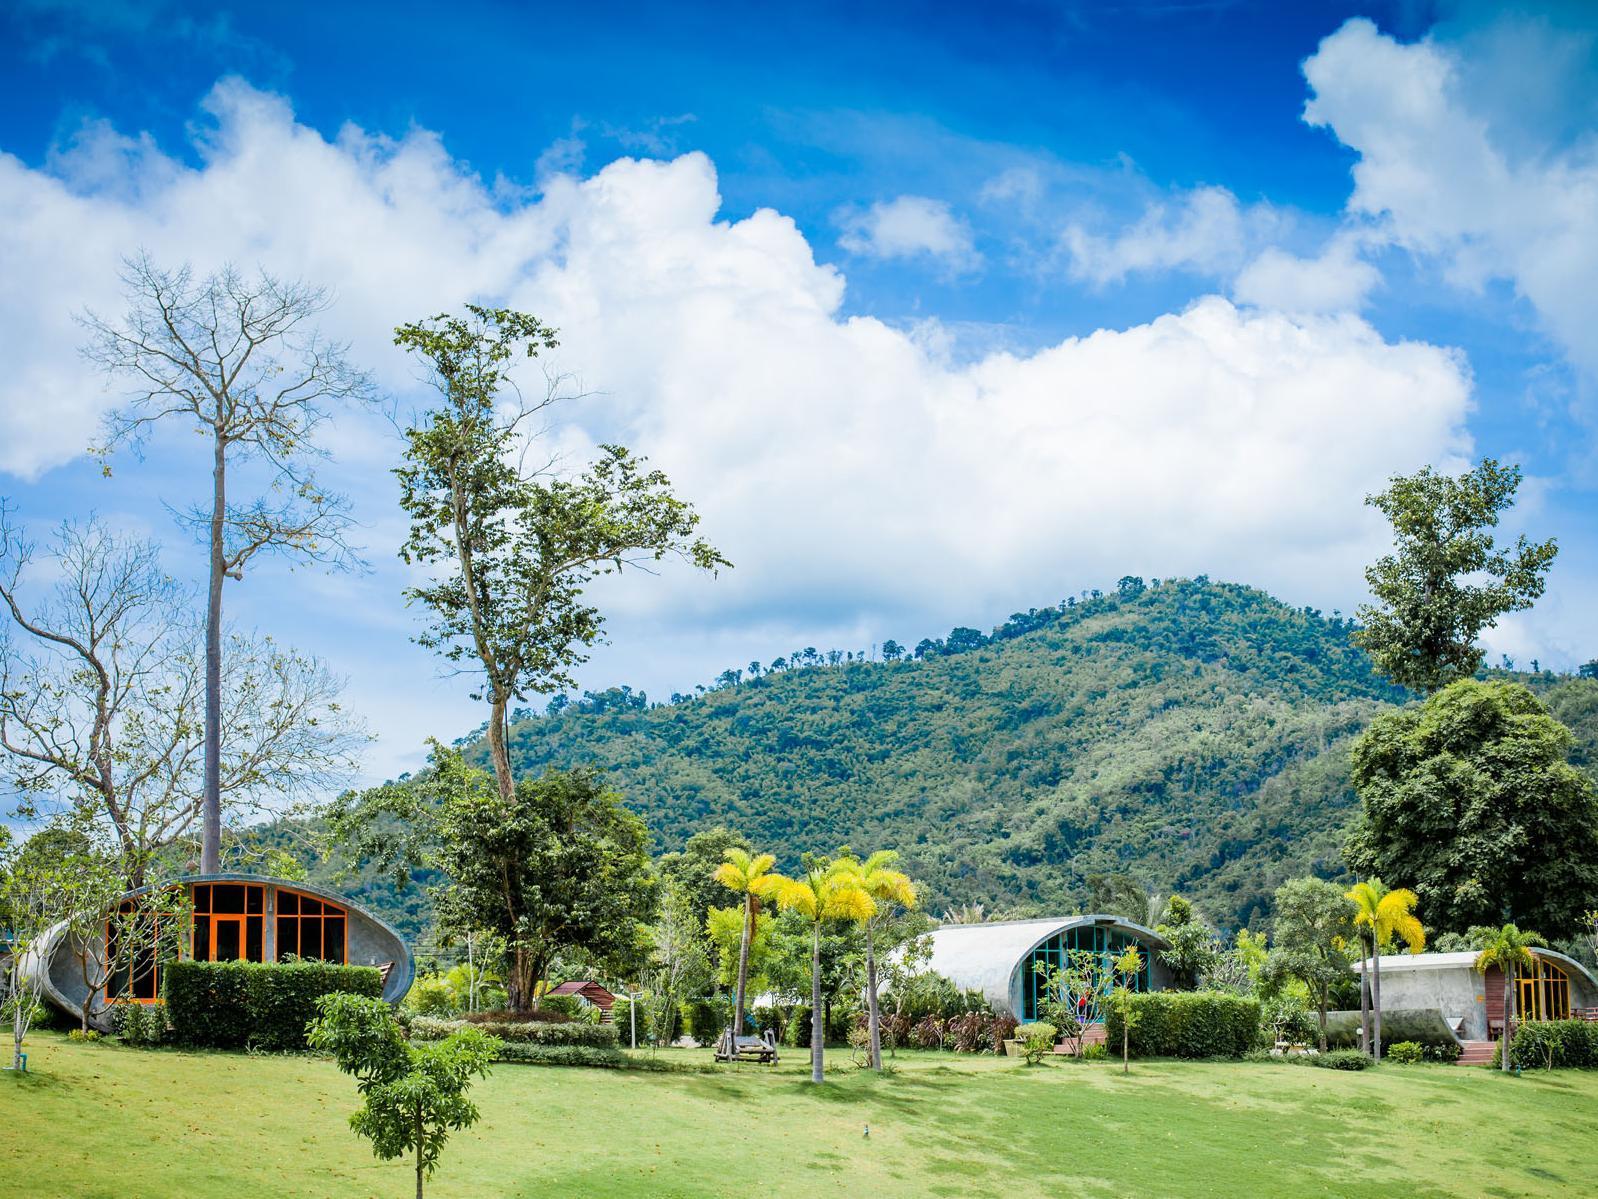 เดอะ บันยัน ลีฟ รีสอร์ท : ที่พักสวนผึ้ง จ.ราชบุรี